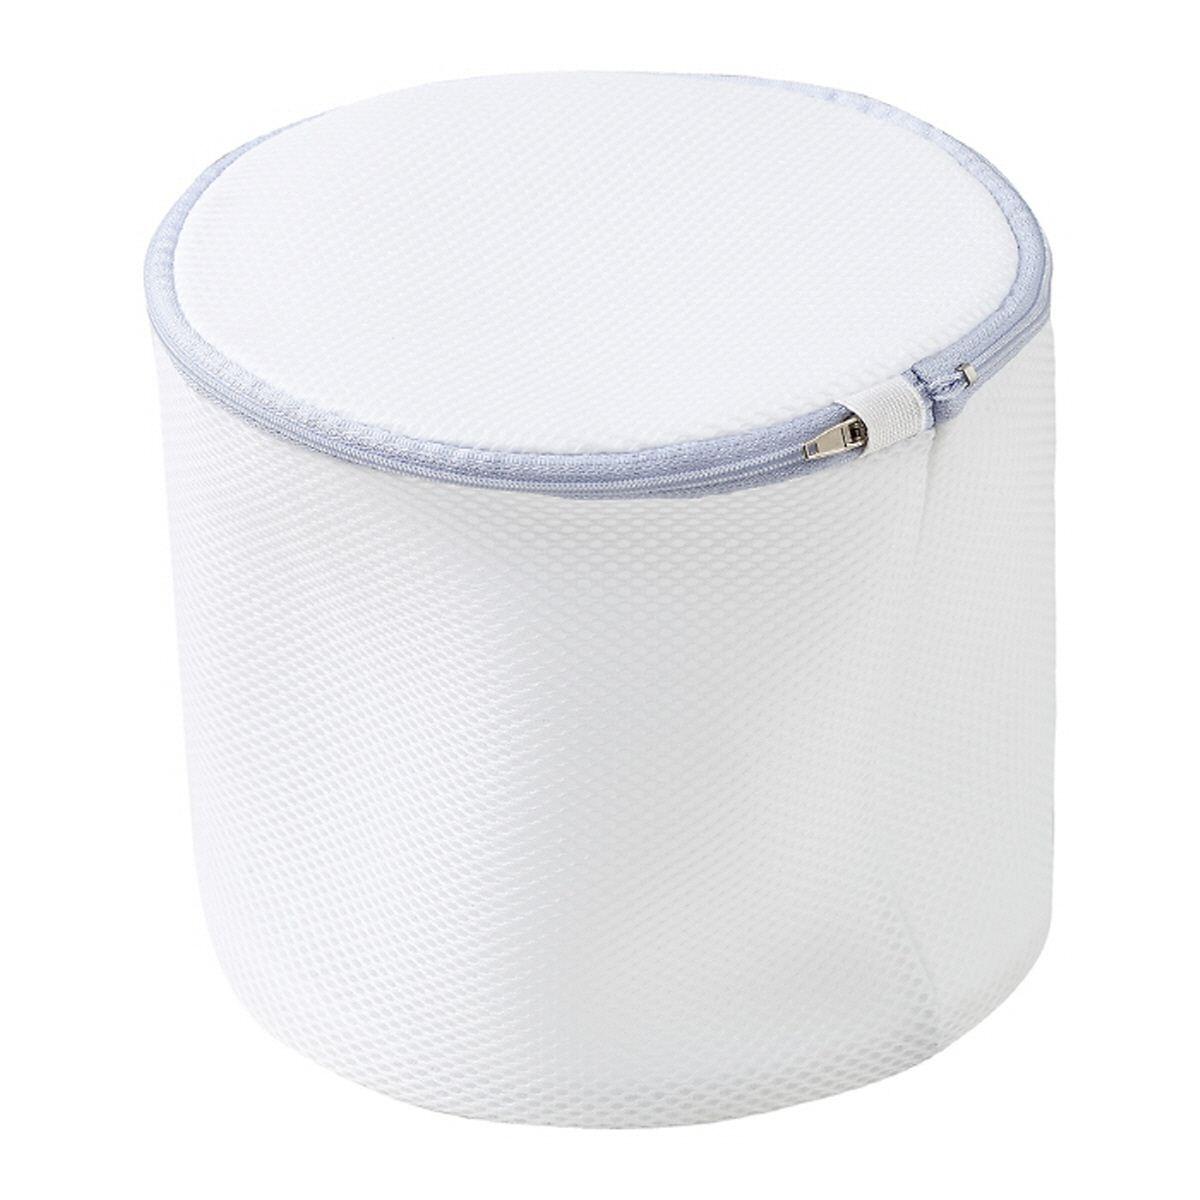 원통형 세탁망